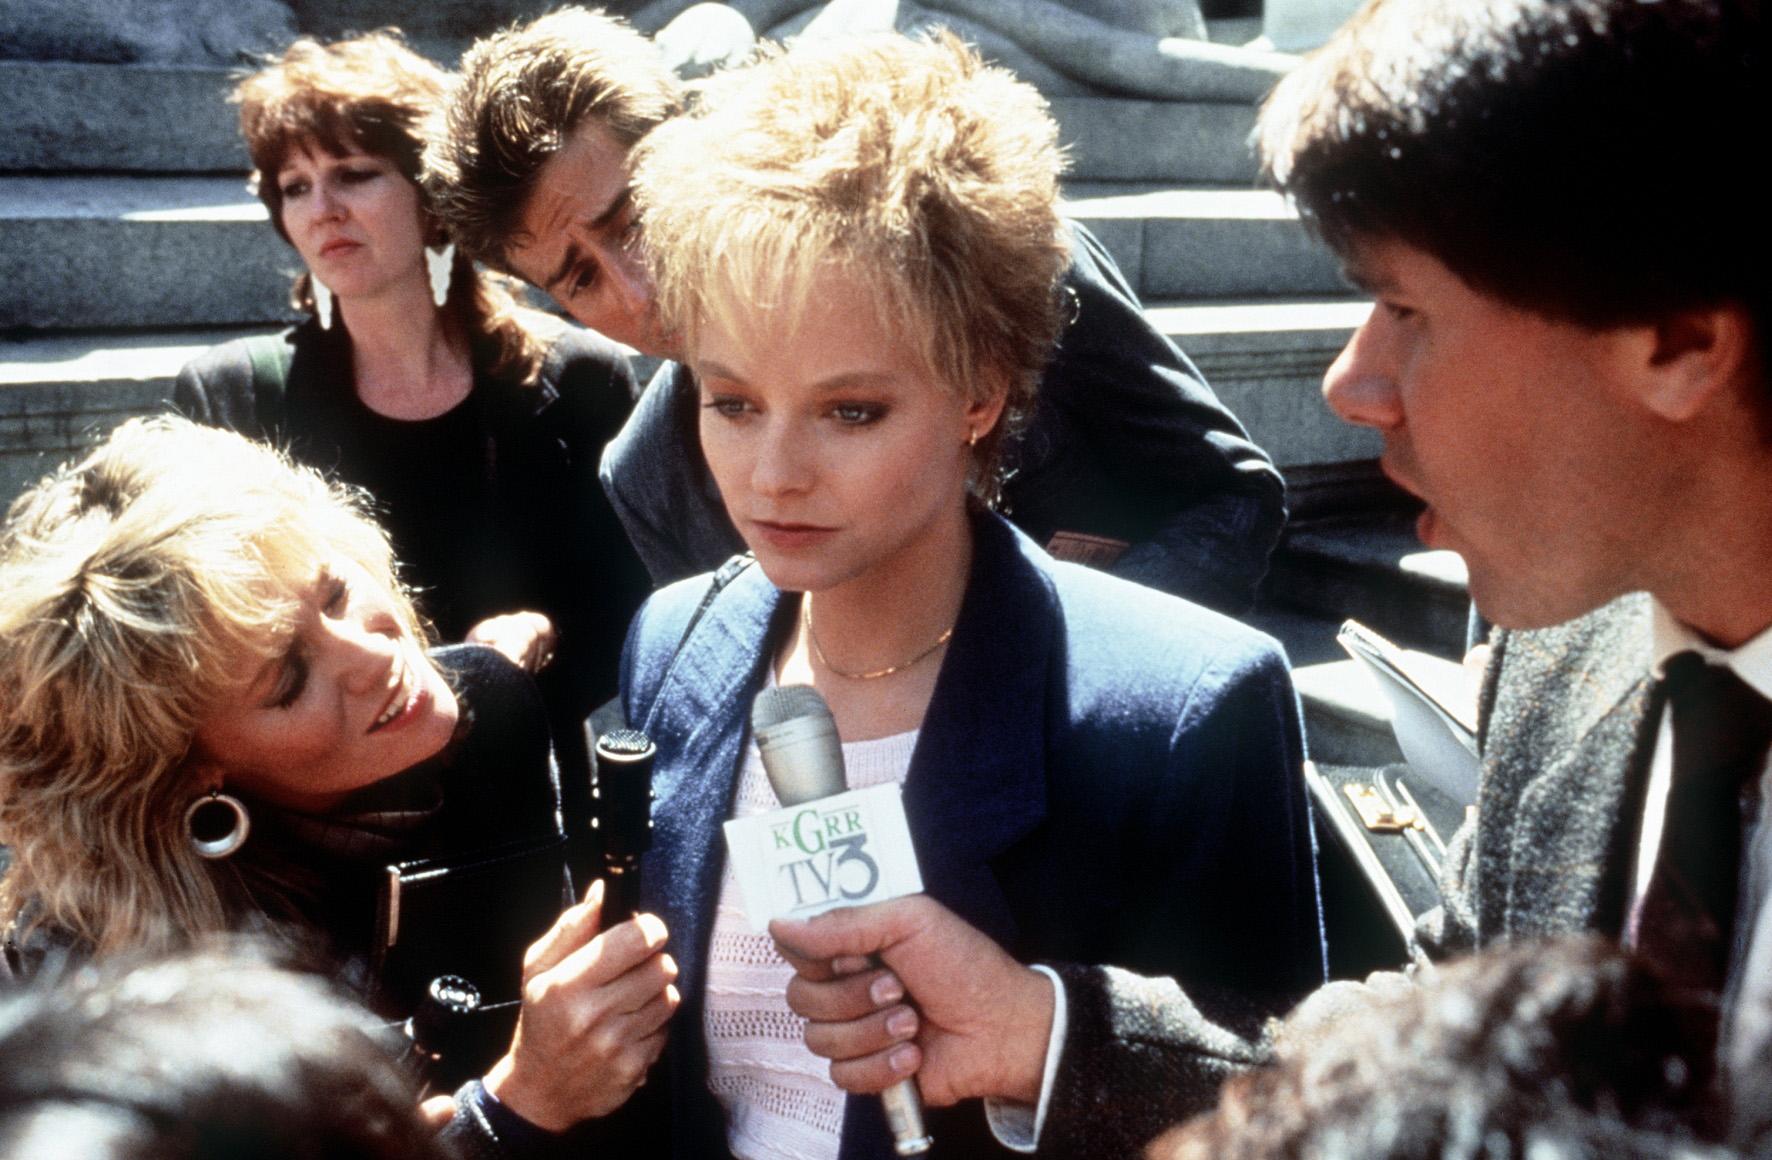 Csütörtökön megnézhetjük Jodie Foster első Oscar-díjas alakítását egy megrázó filmben